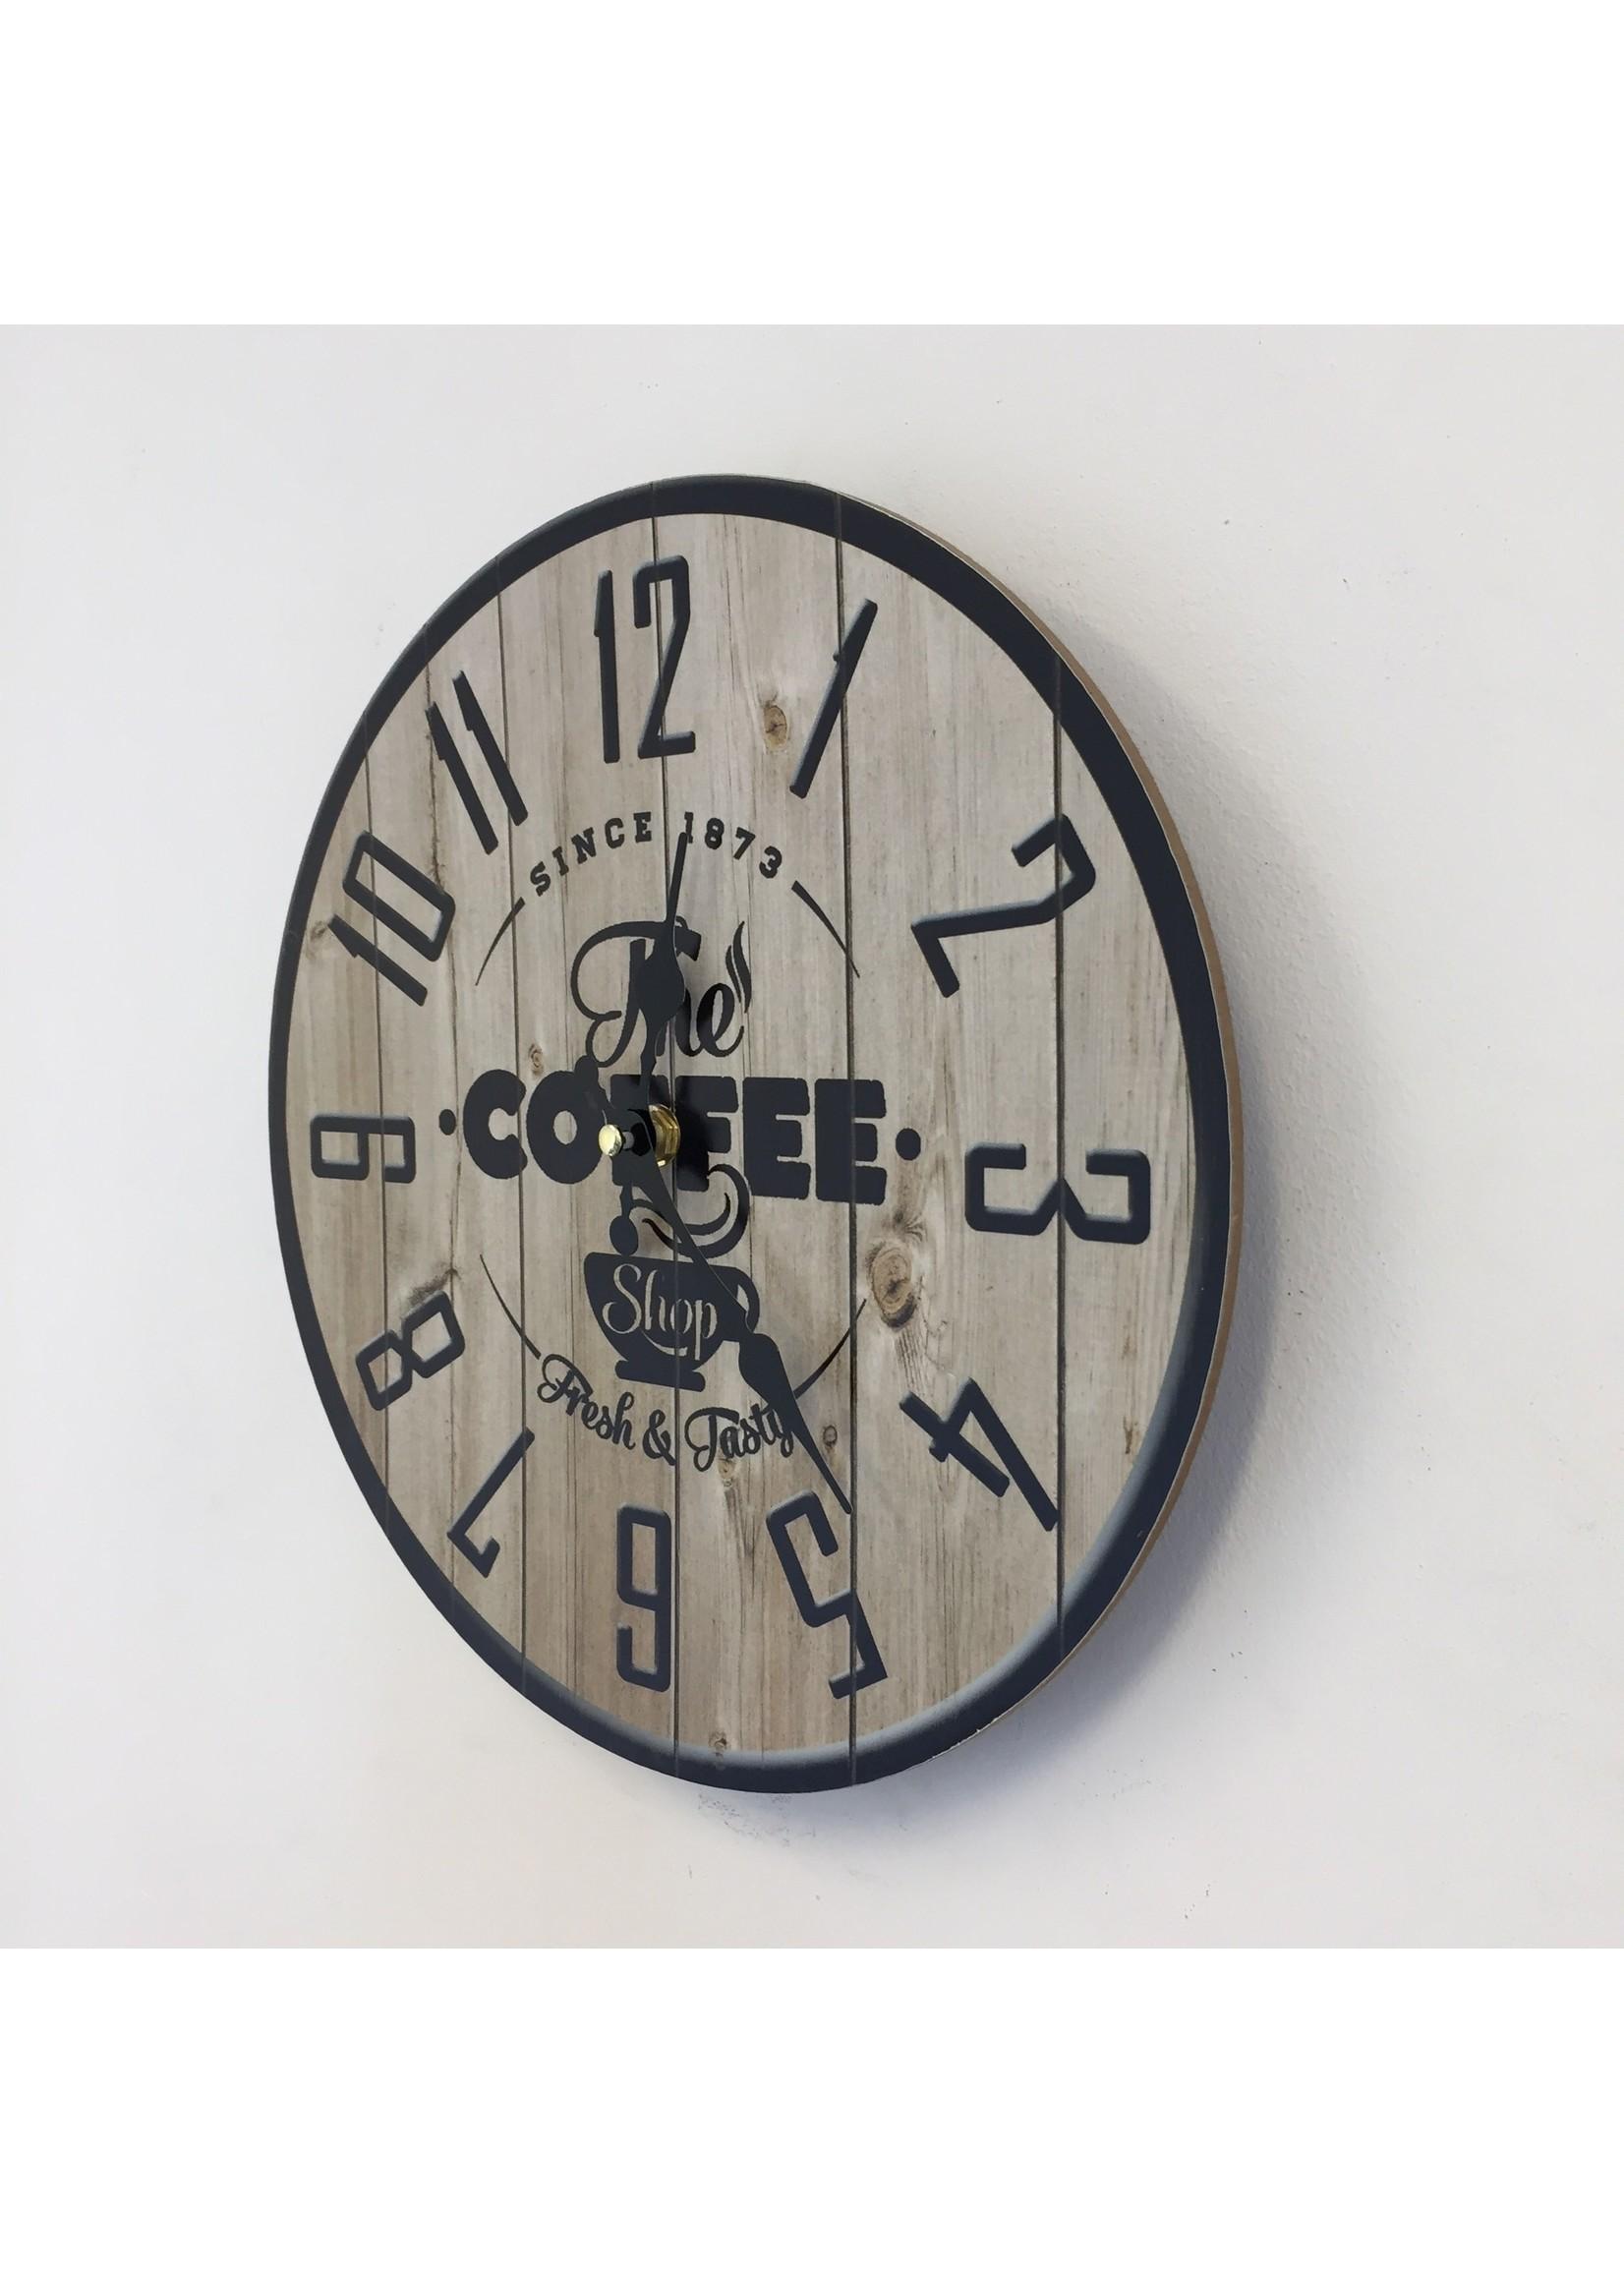 NiceTime Wandklok COFFEE 1873 VINTAGE INDUSTRIEEL